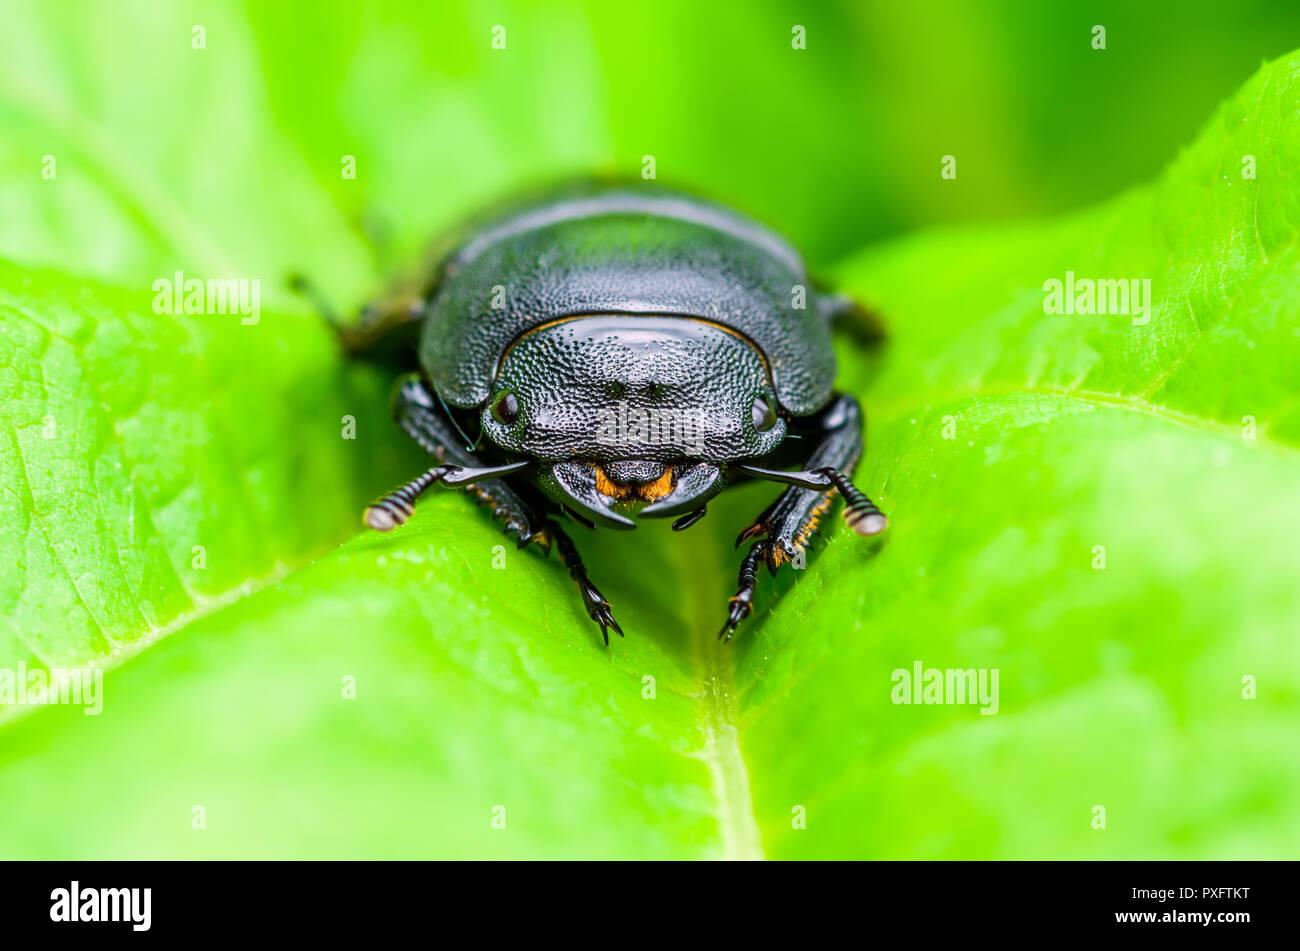 Insecte Coléoptère noir sur fond vert feuille Photo Stock